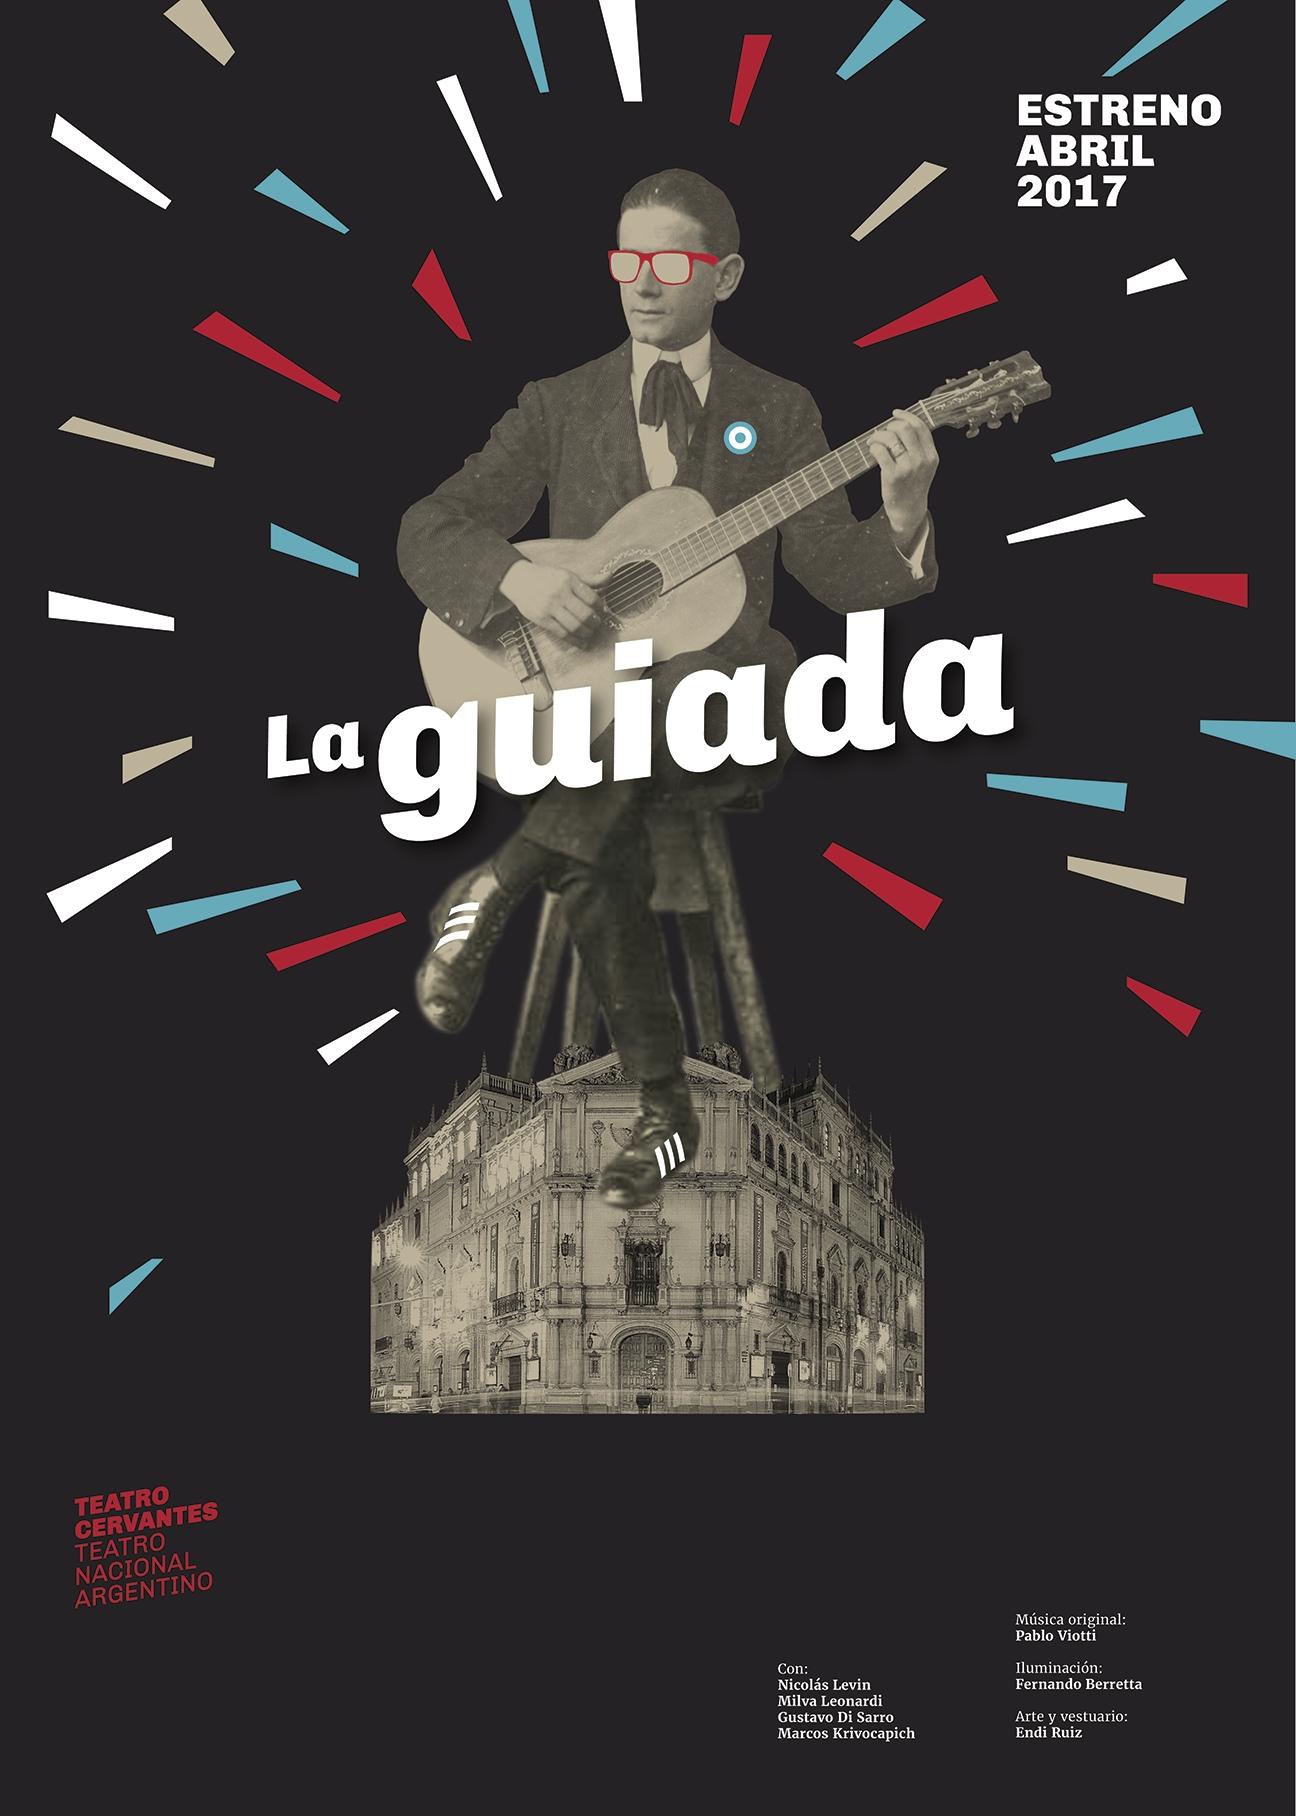 Diseño de afiches Teatro Cervantes - Teatro Nacional Argentino - La guiada